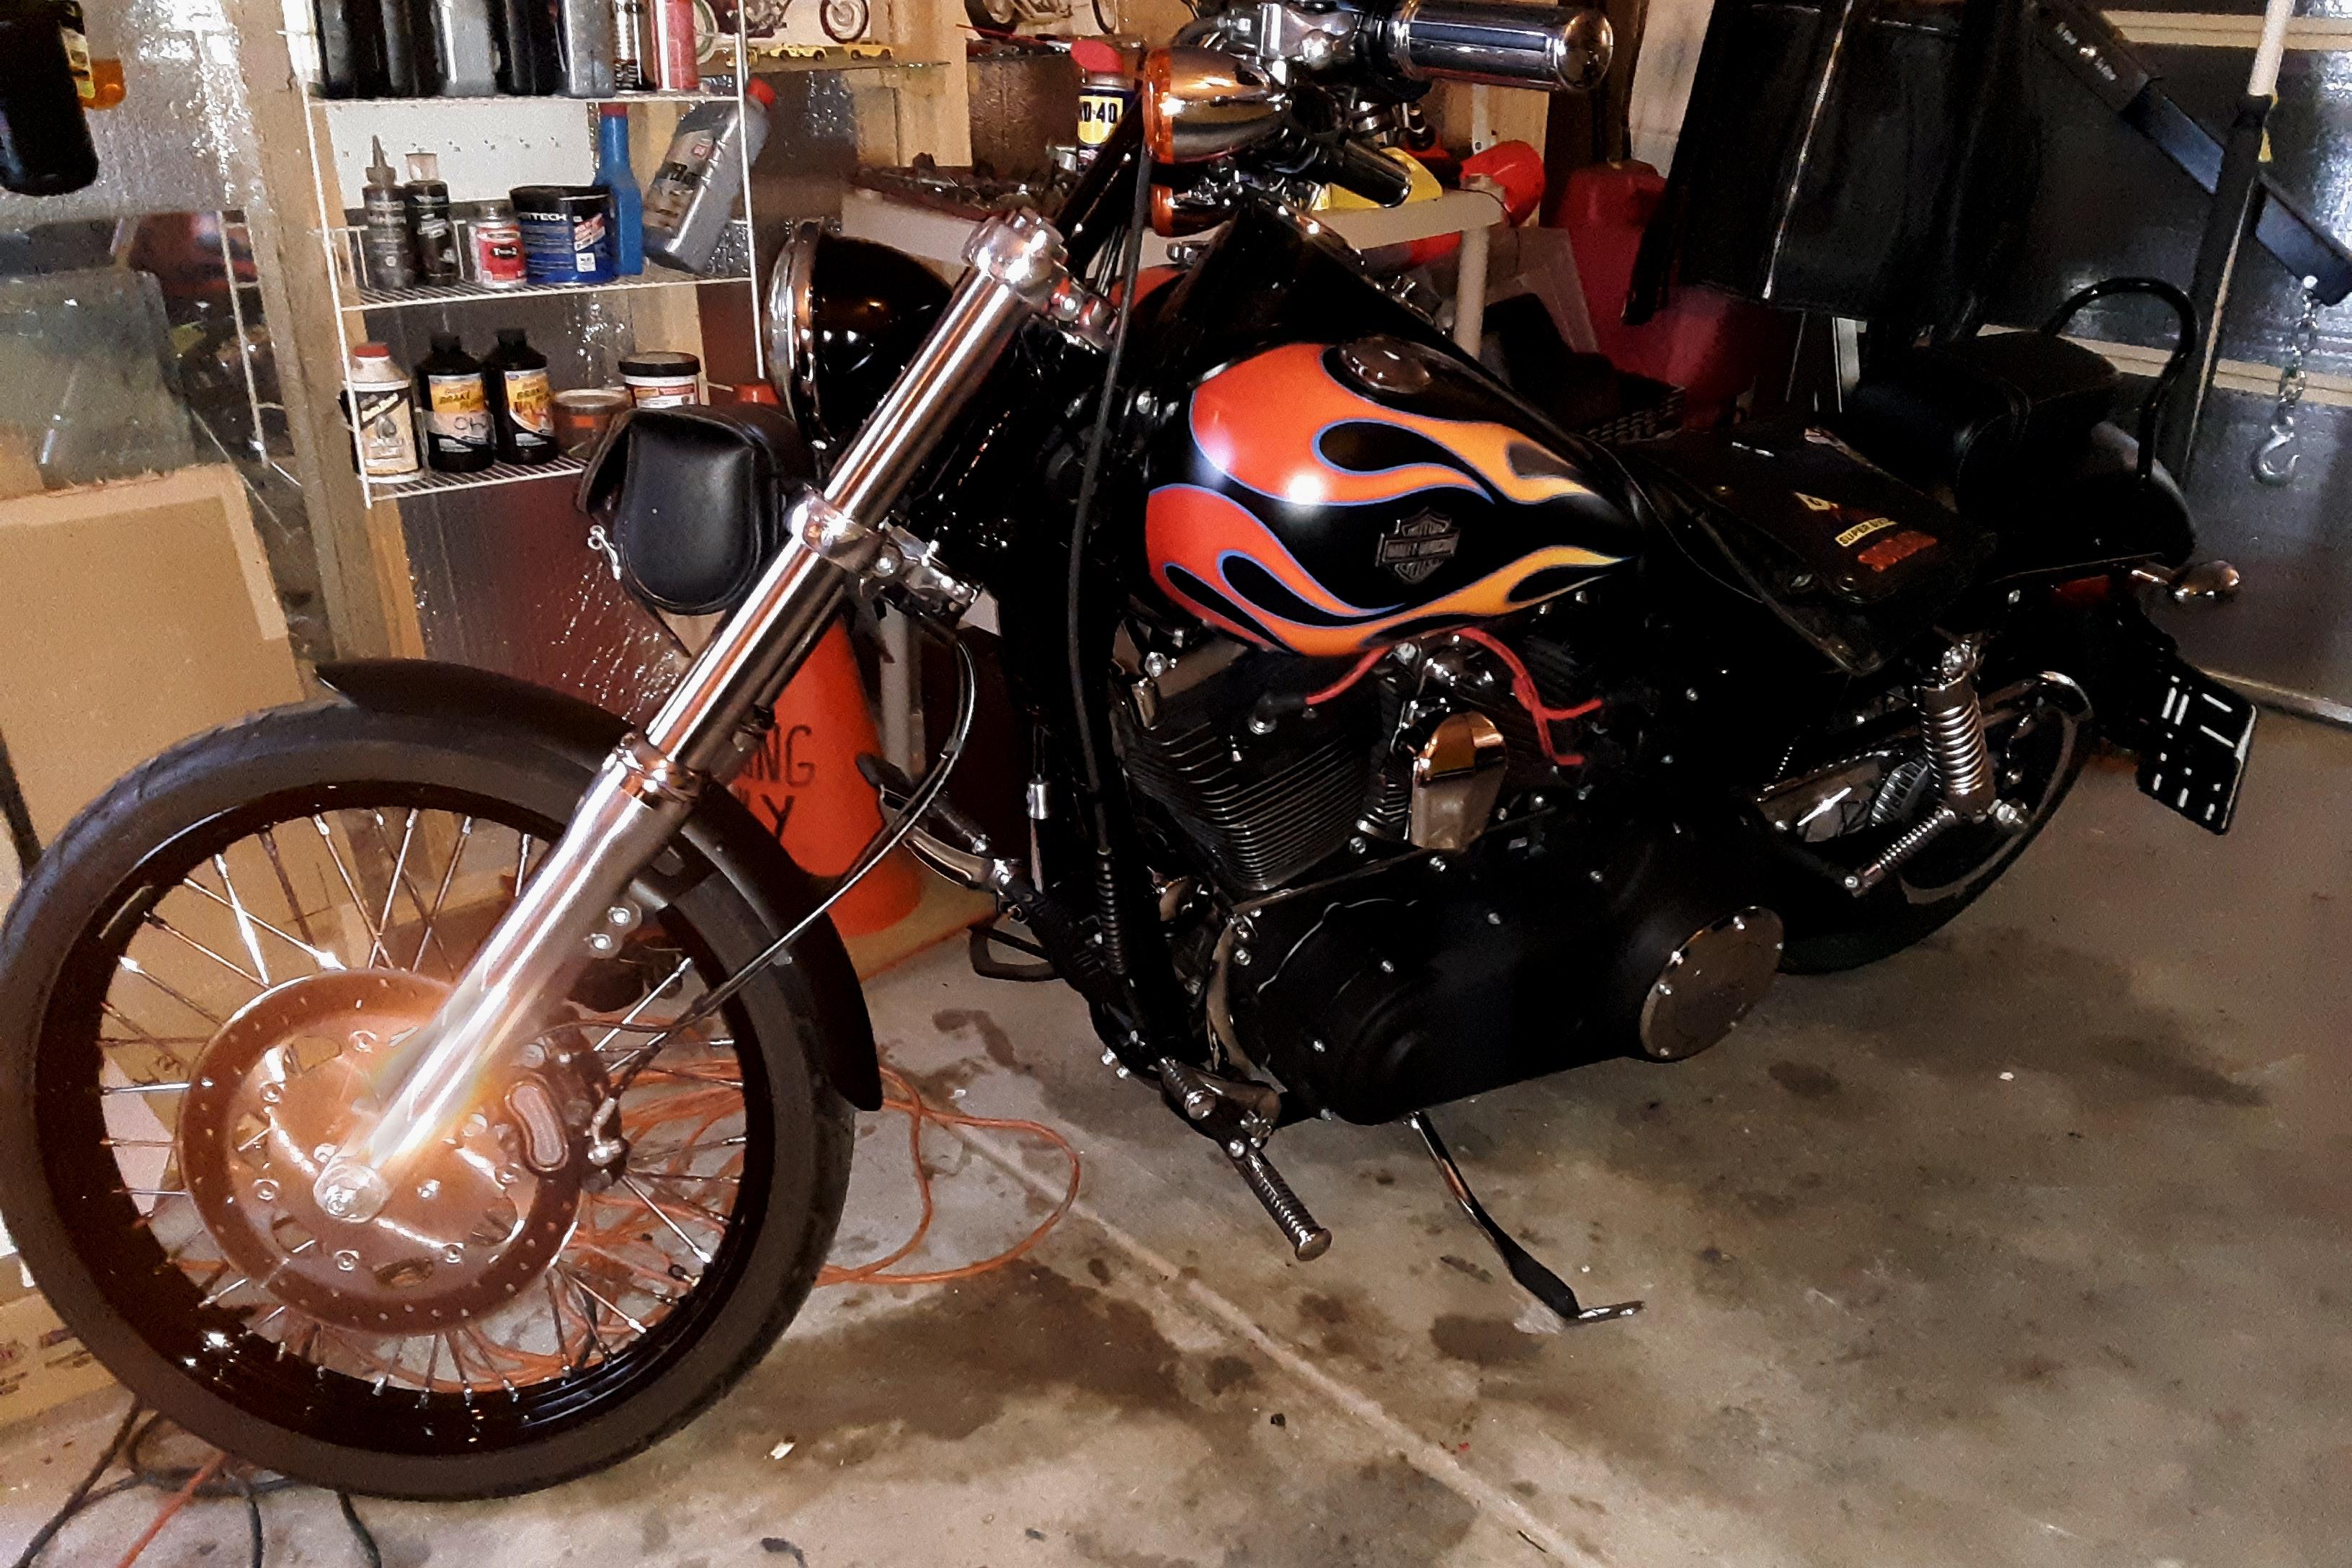 2015 Harley-Davidson FXDWG